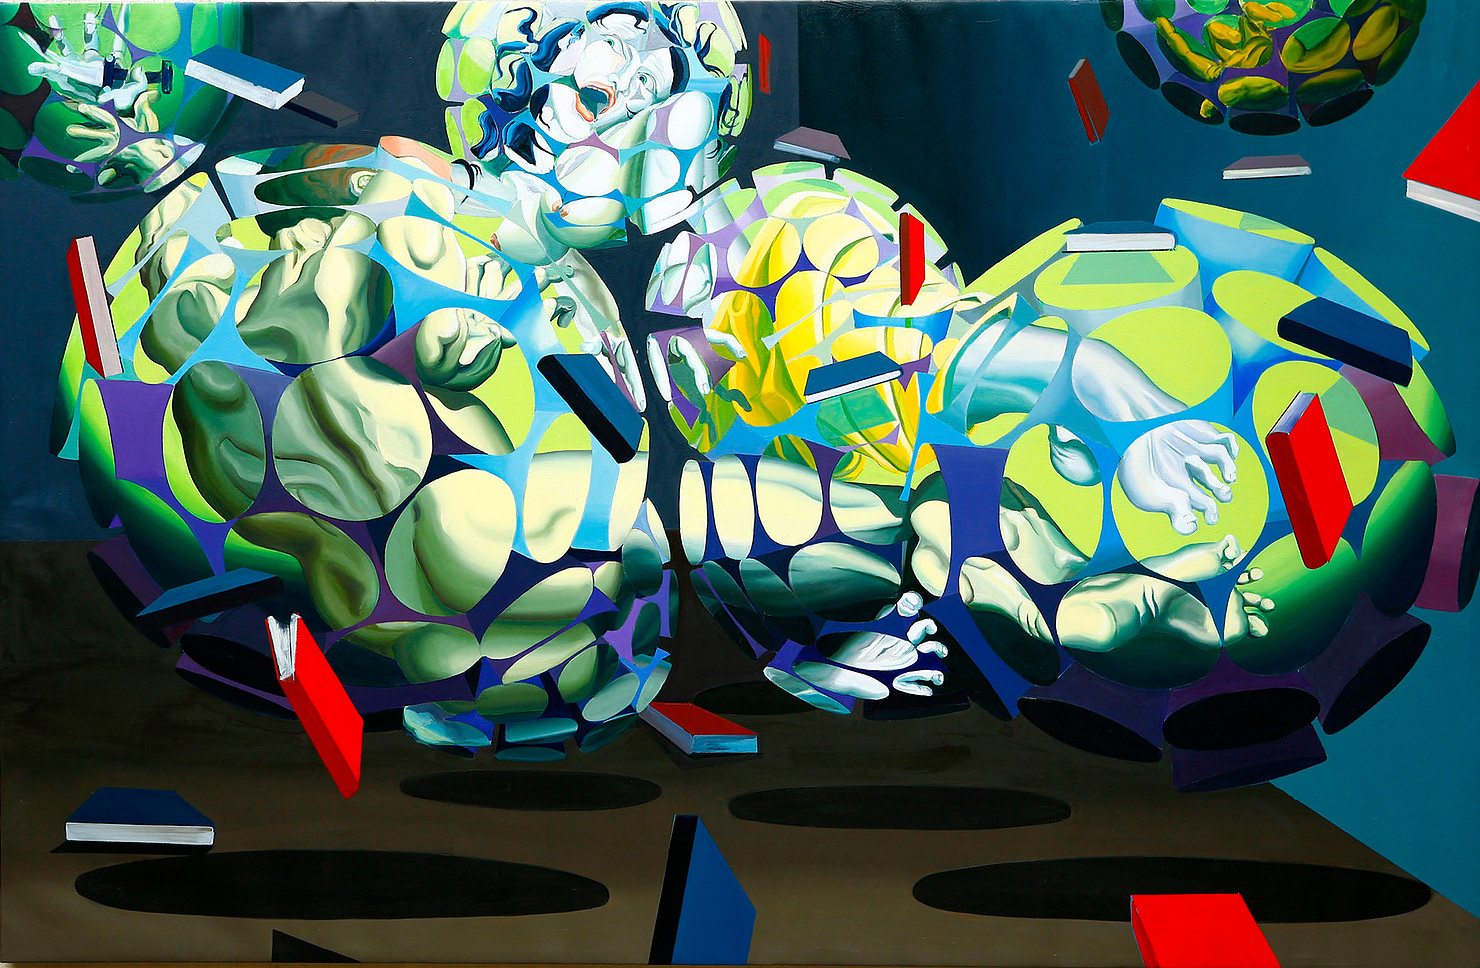 Vertigo by Truman Marquez